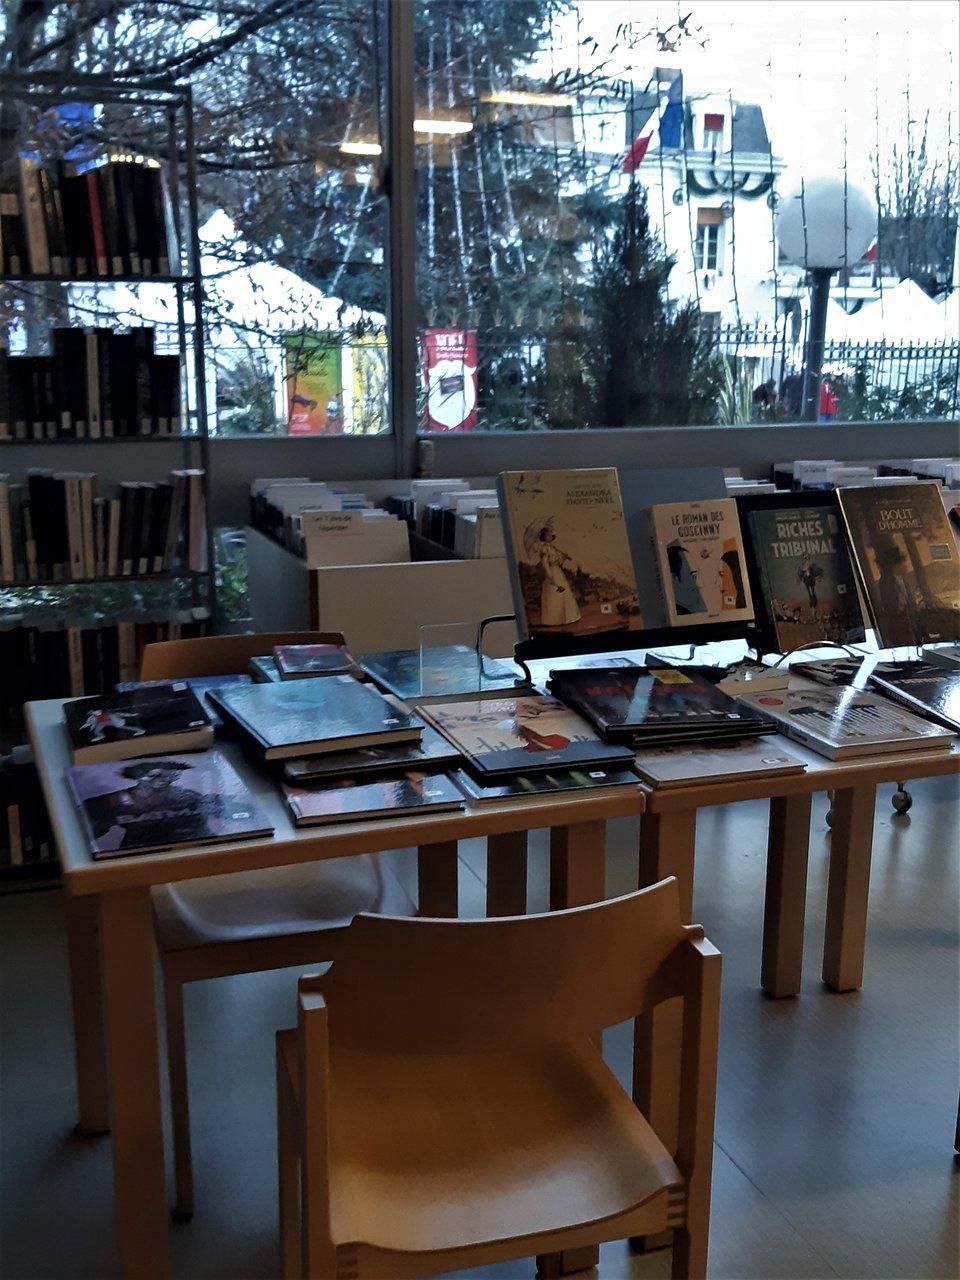 Bibliothèque De Fontenay Sous Bois bibliotheque guy de maupassant (neuilly-plaisance) - 2020